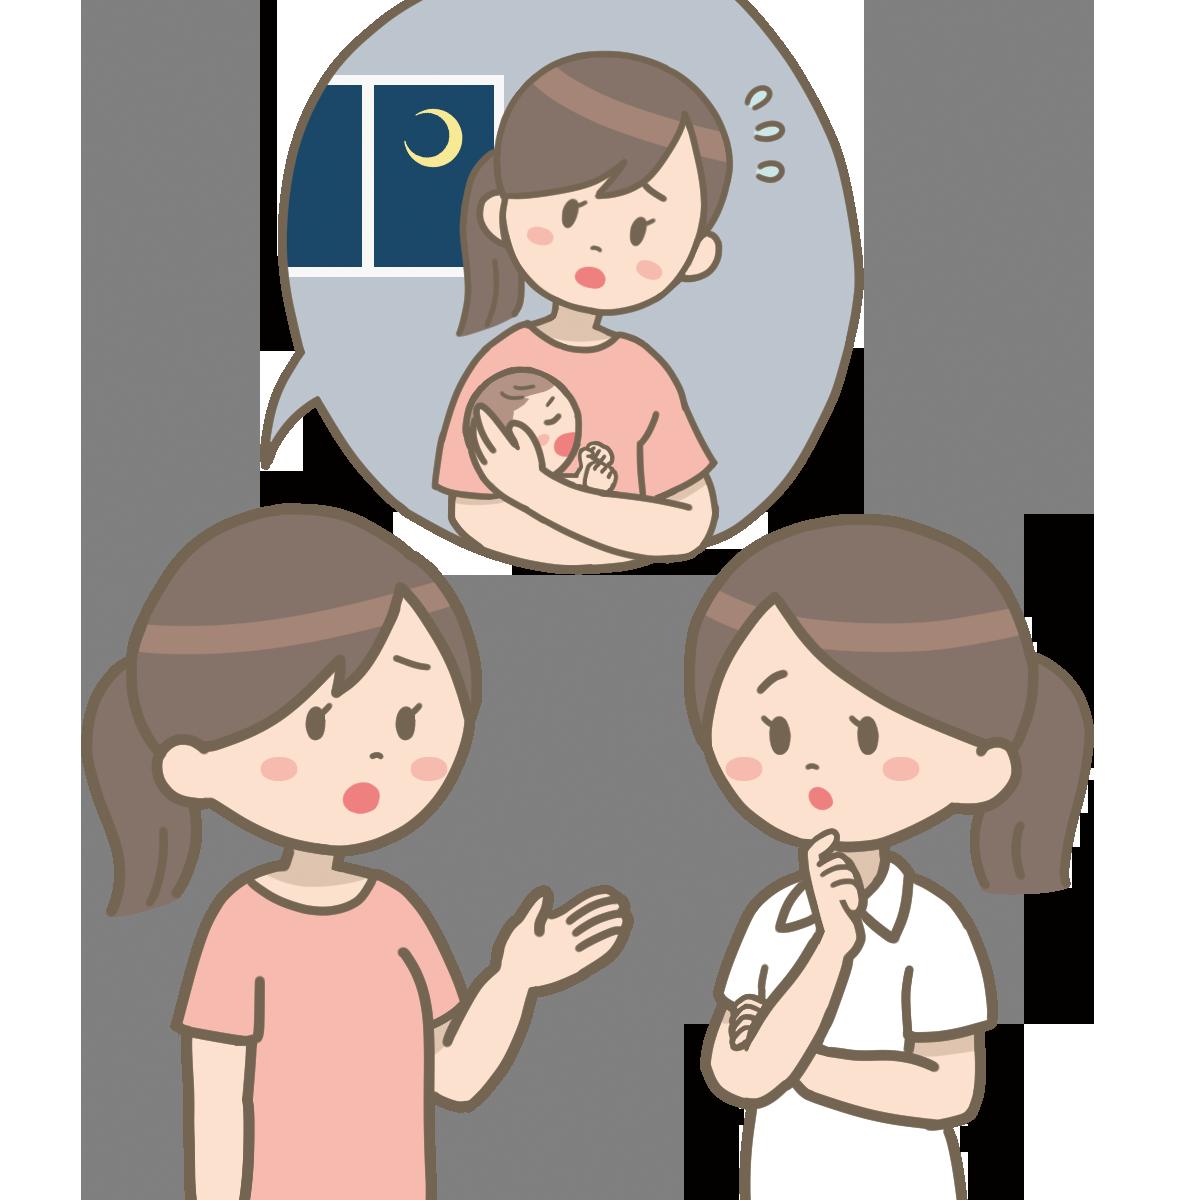 母親が赤ちゃんのことで相談しているイラスト🎨【フリー素材】|看護roo